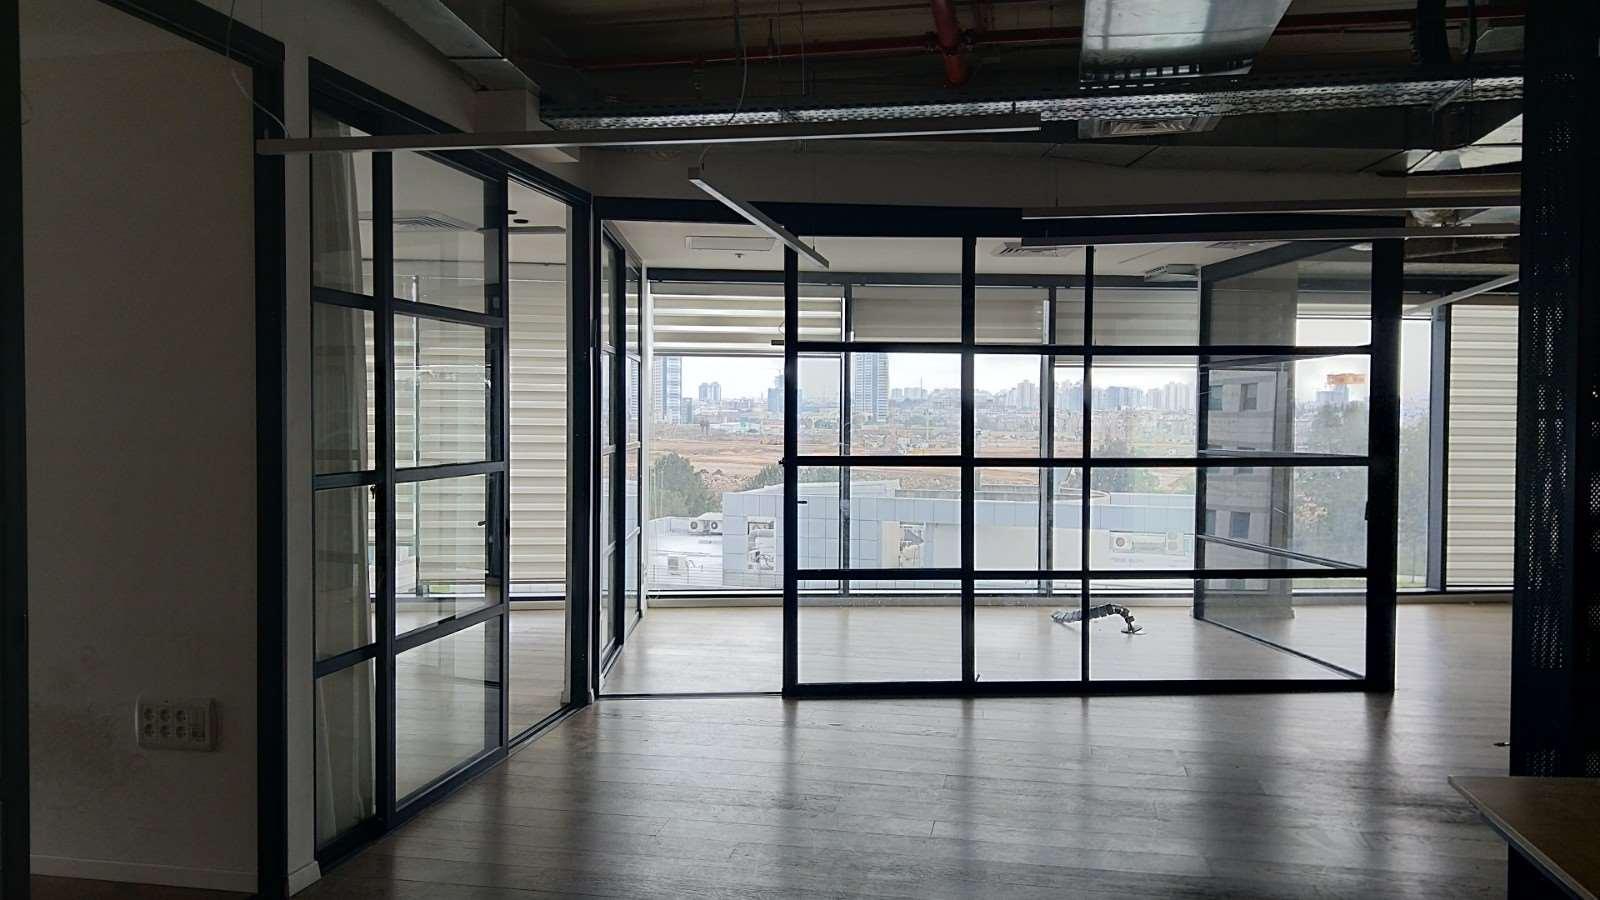 תמונה 2 ,משרדים להשכרה להשכרה משרד 175 מר רחוב הברזל  רמת החייל תל אביב יפו